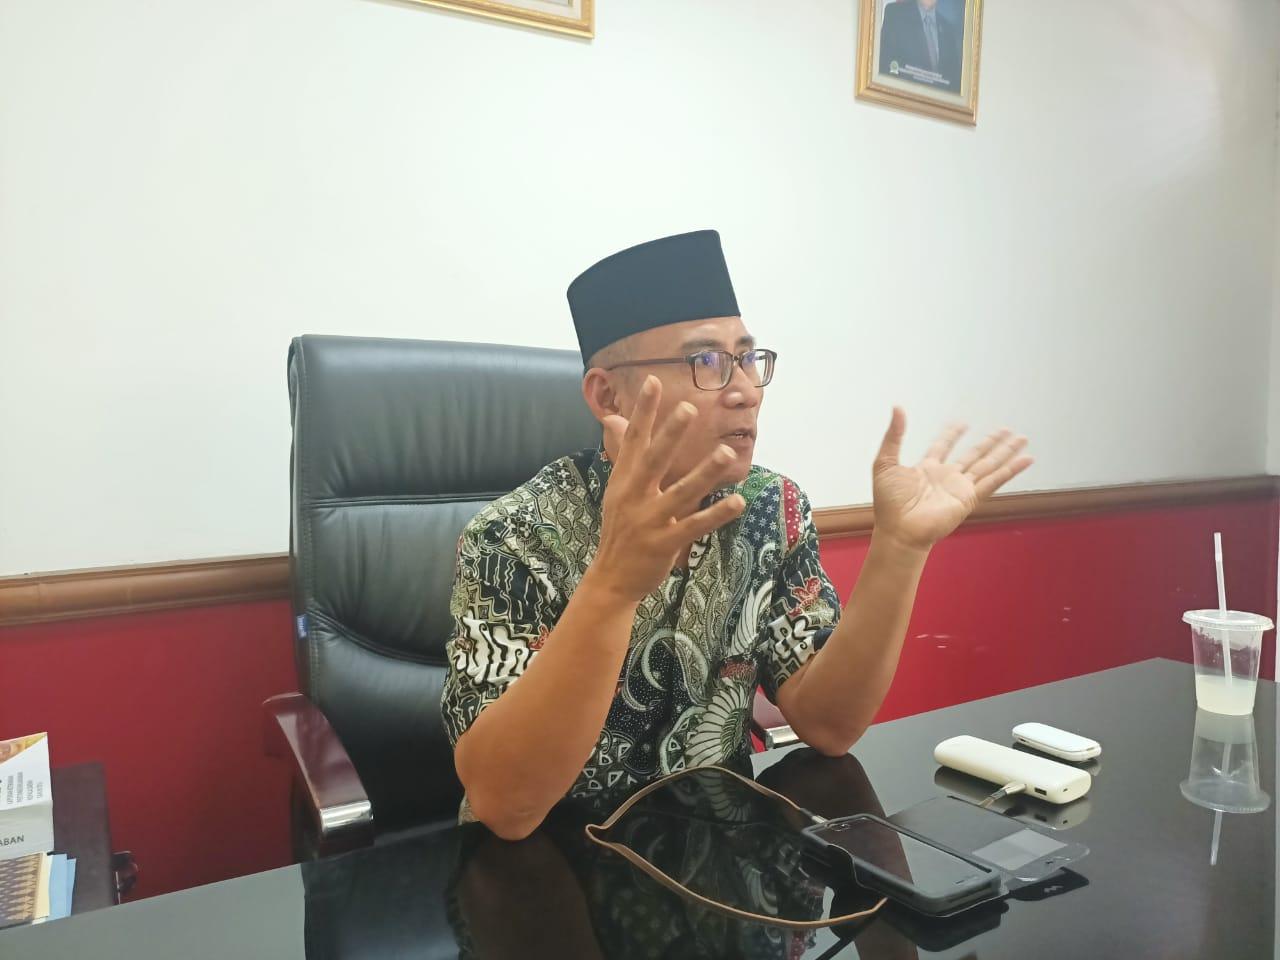 DPRD Riau Gelar Salat Id di Areal Kantor, Jamaah Diminta Patuhi Protokol Kesehatan